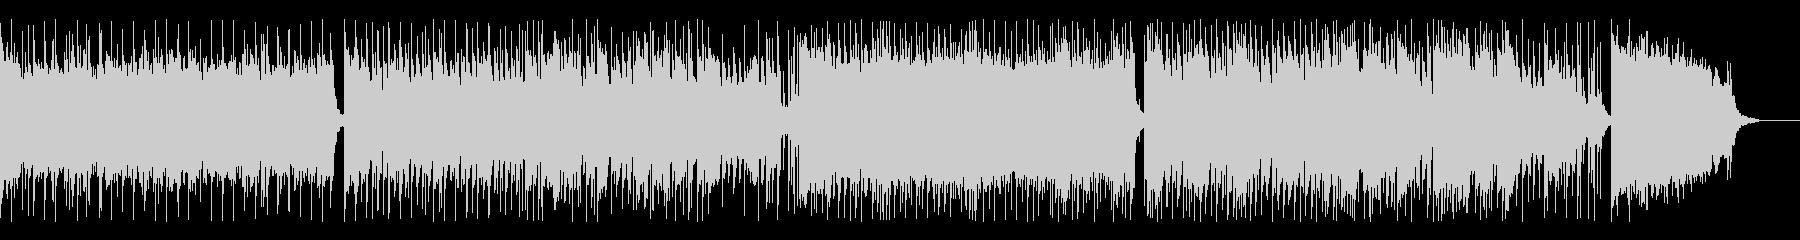 ヘヴィーなリフのロック の未再生の波形